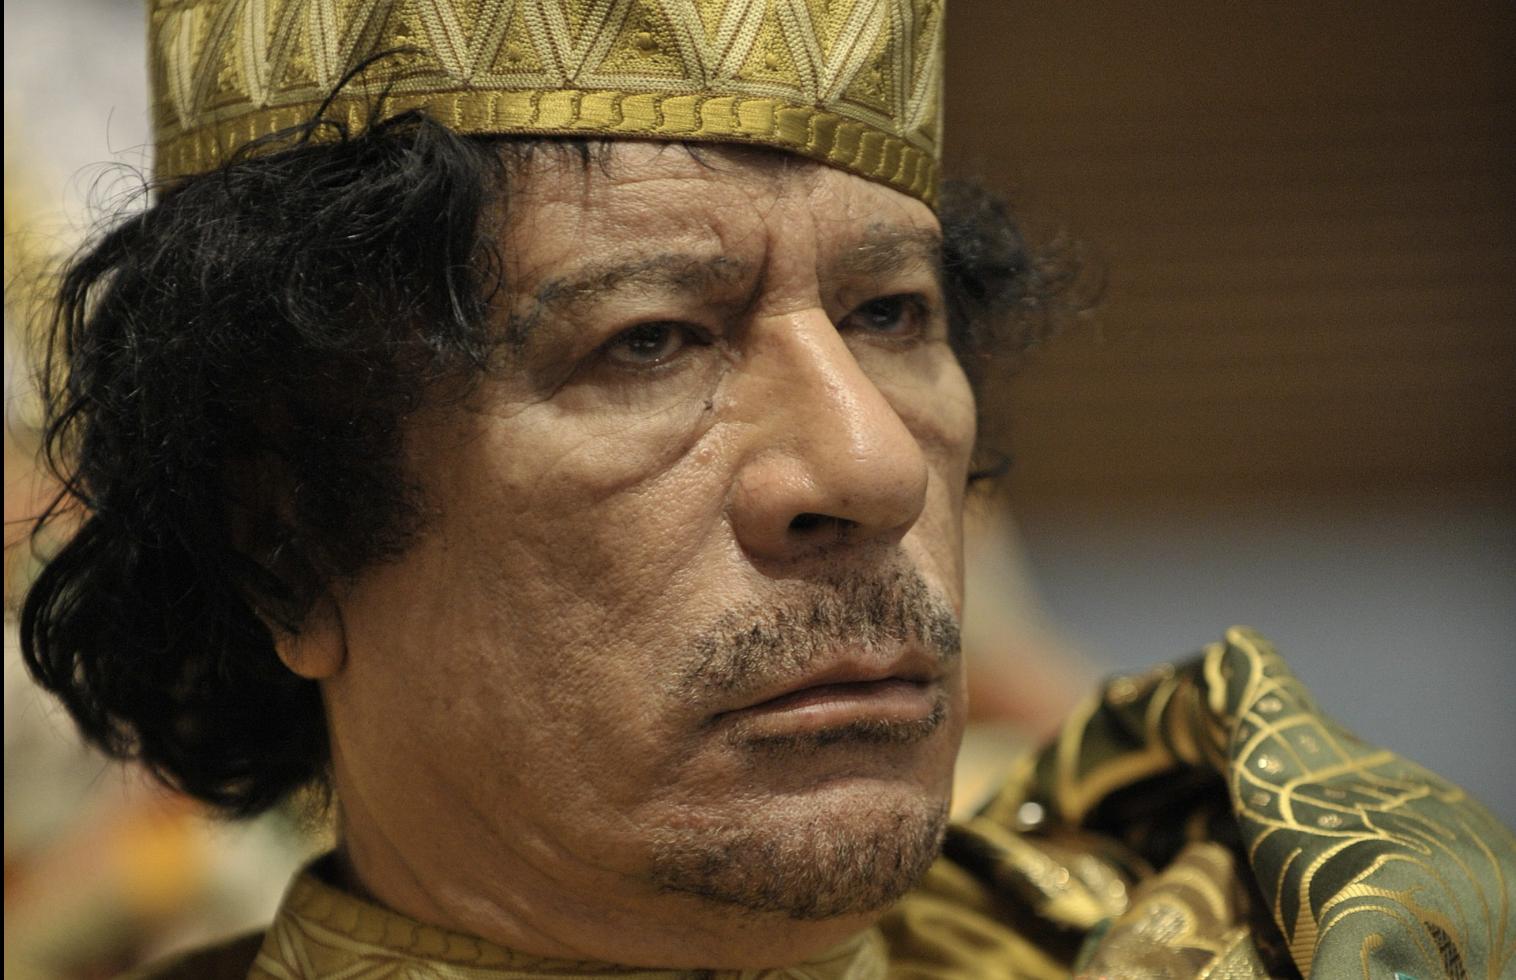 Líbia: A exposição pública da hipocrisia ocidental